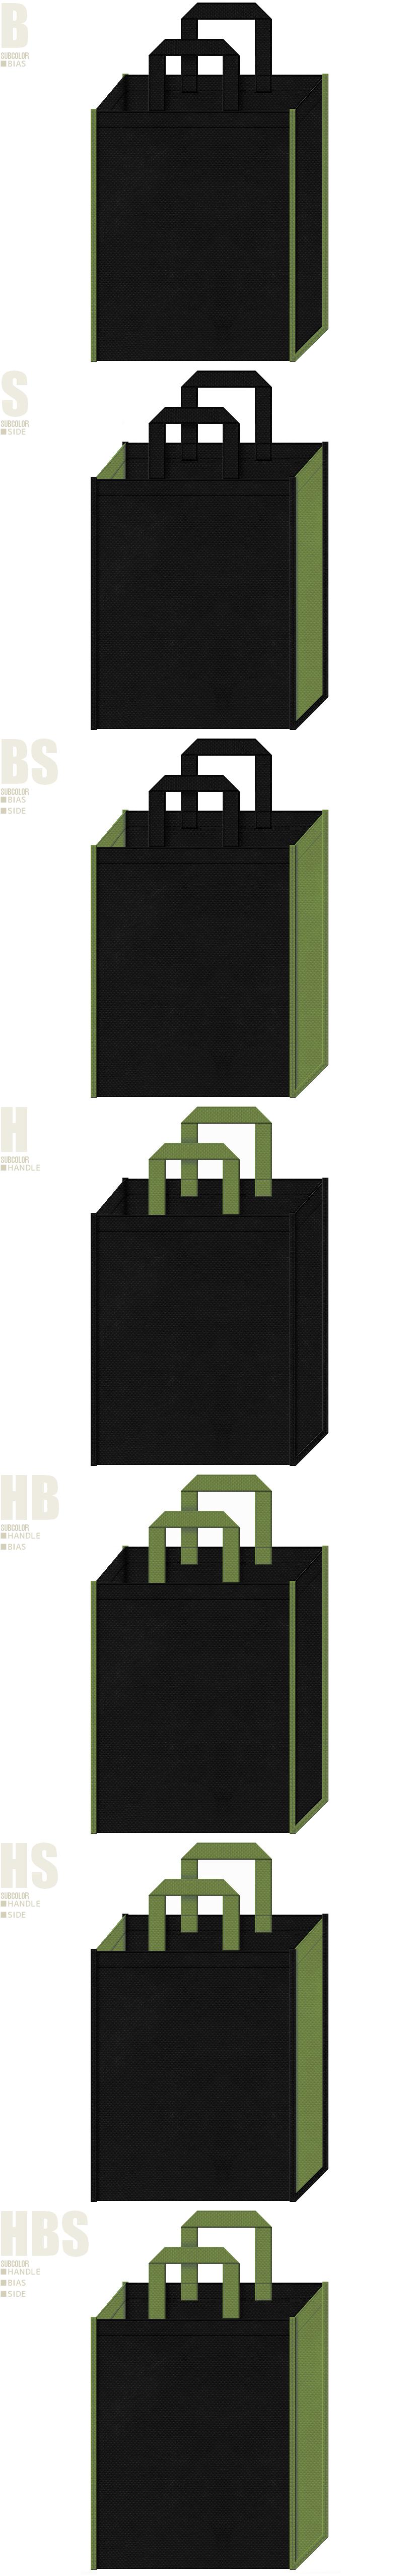 黒色と草色、7パターンの不織布トートバッグ配色デザイン例。お城イベント・ゲームのバッグノベルティにお奨めです。